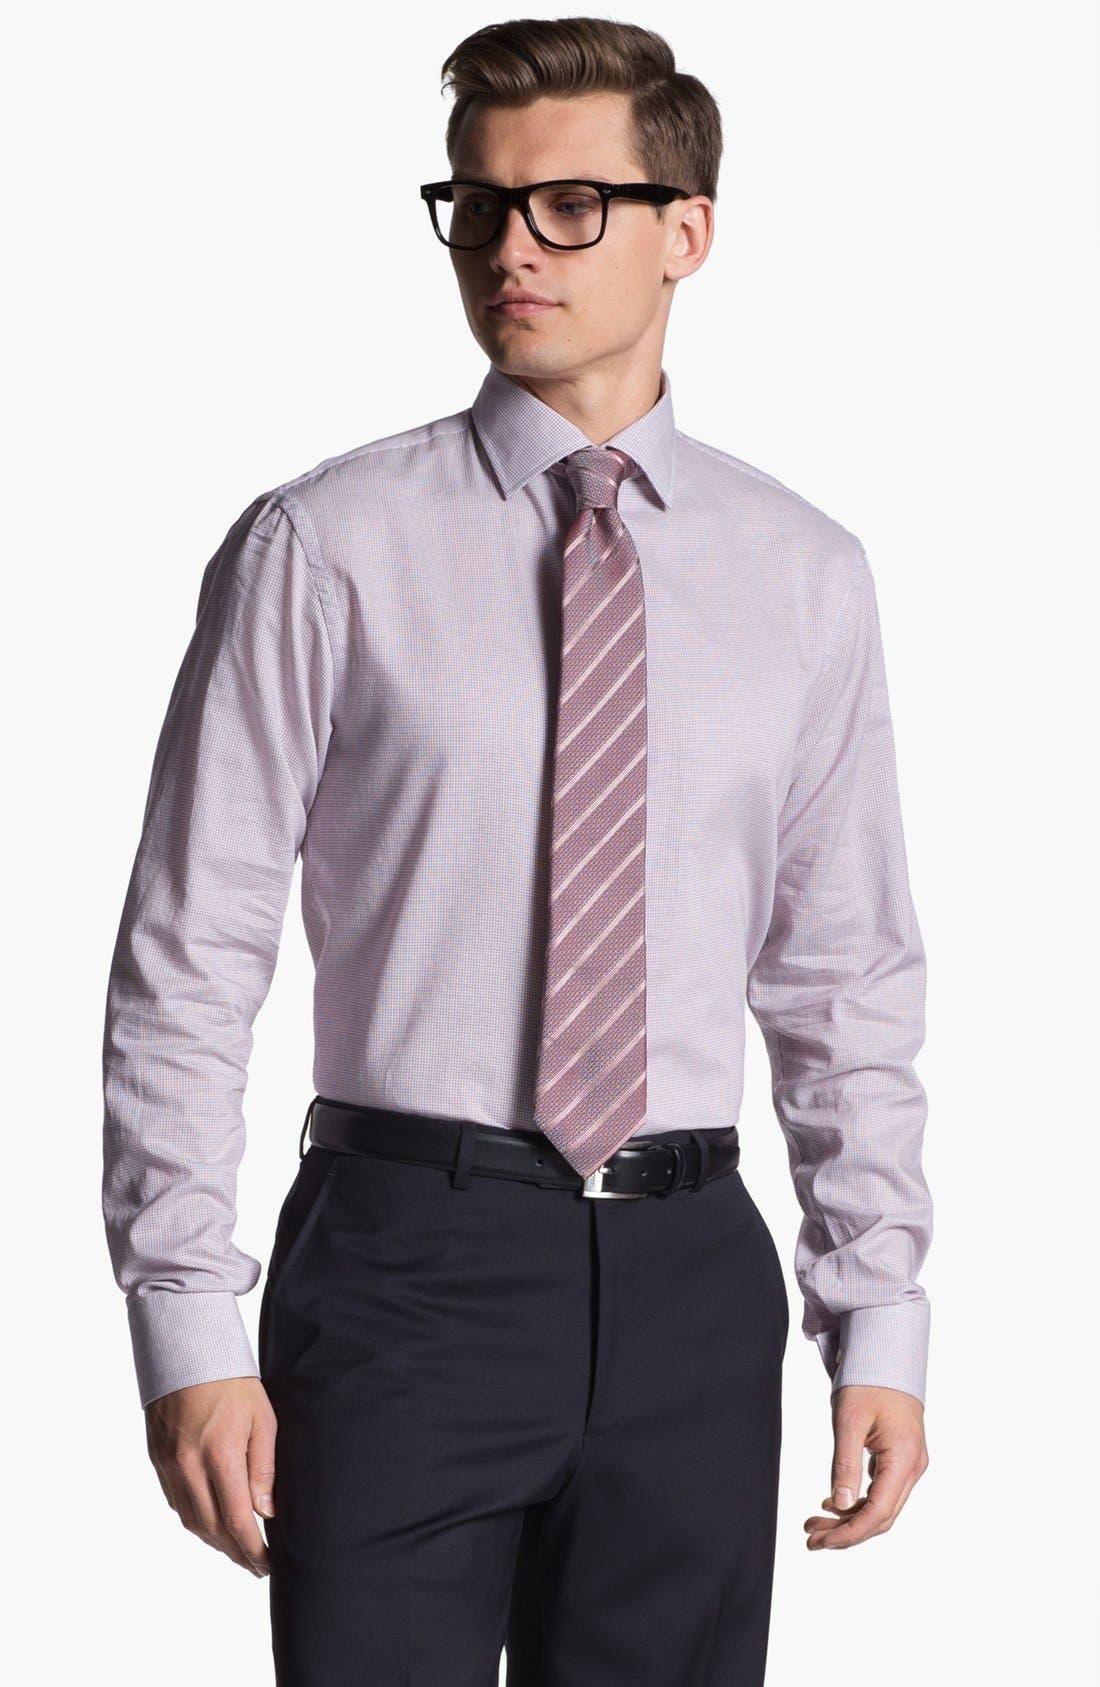 Alternate Image 1 Selected - Armani Collezioni Trim Fit Grid Check Cotton Dress Shirt